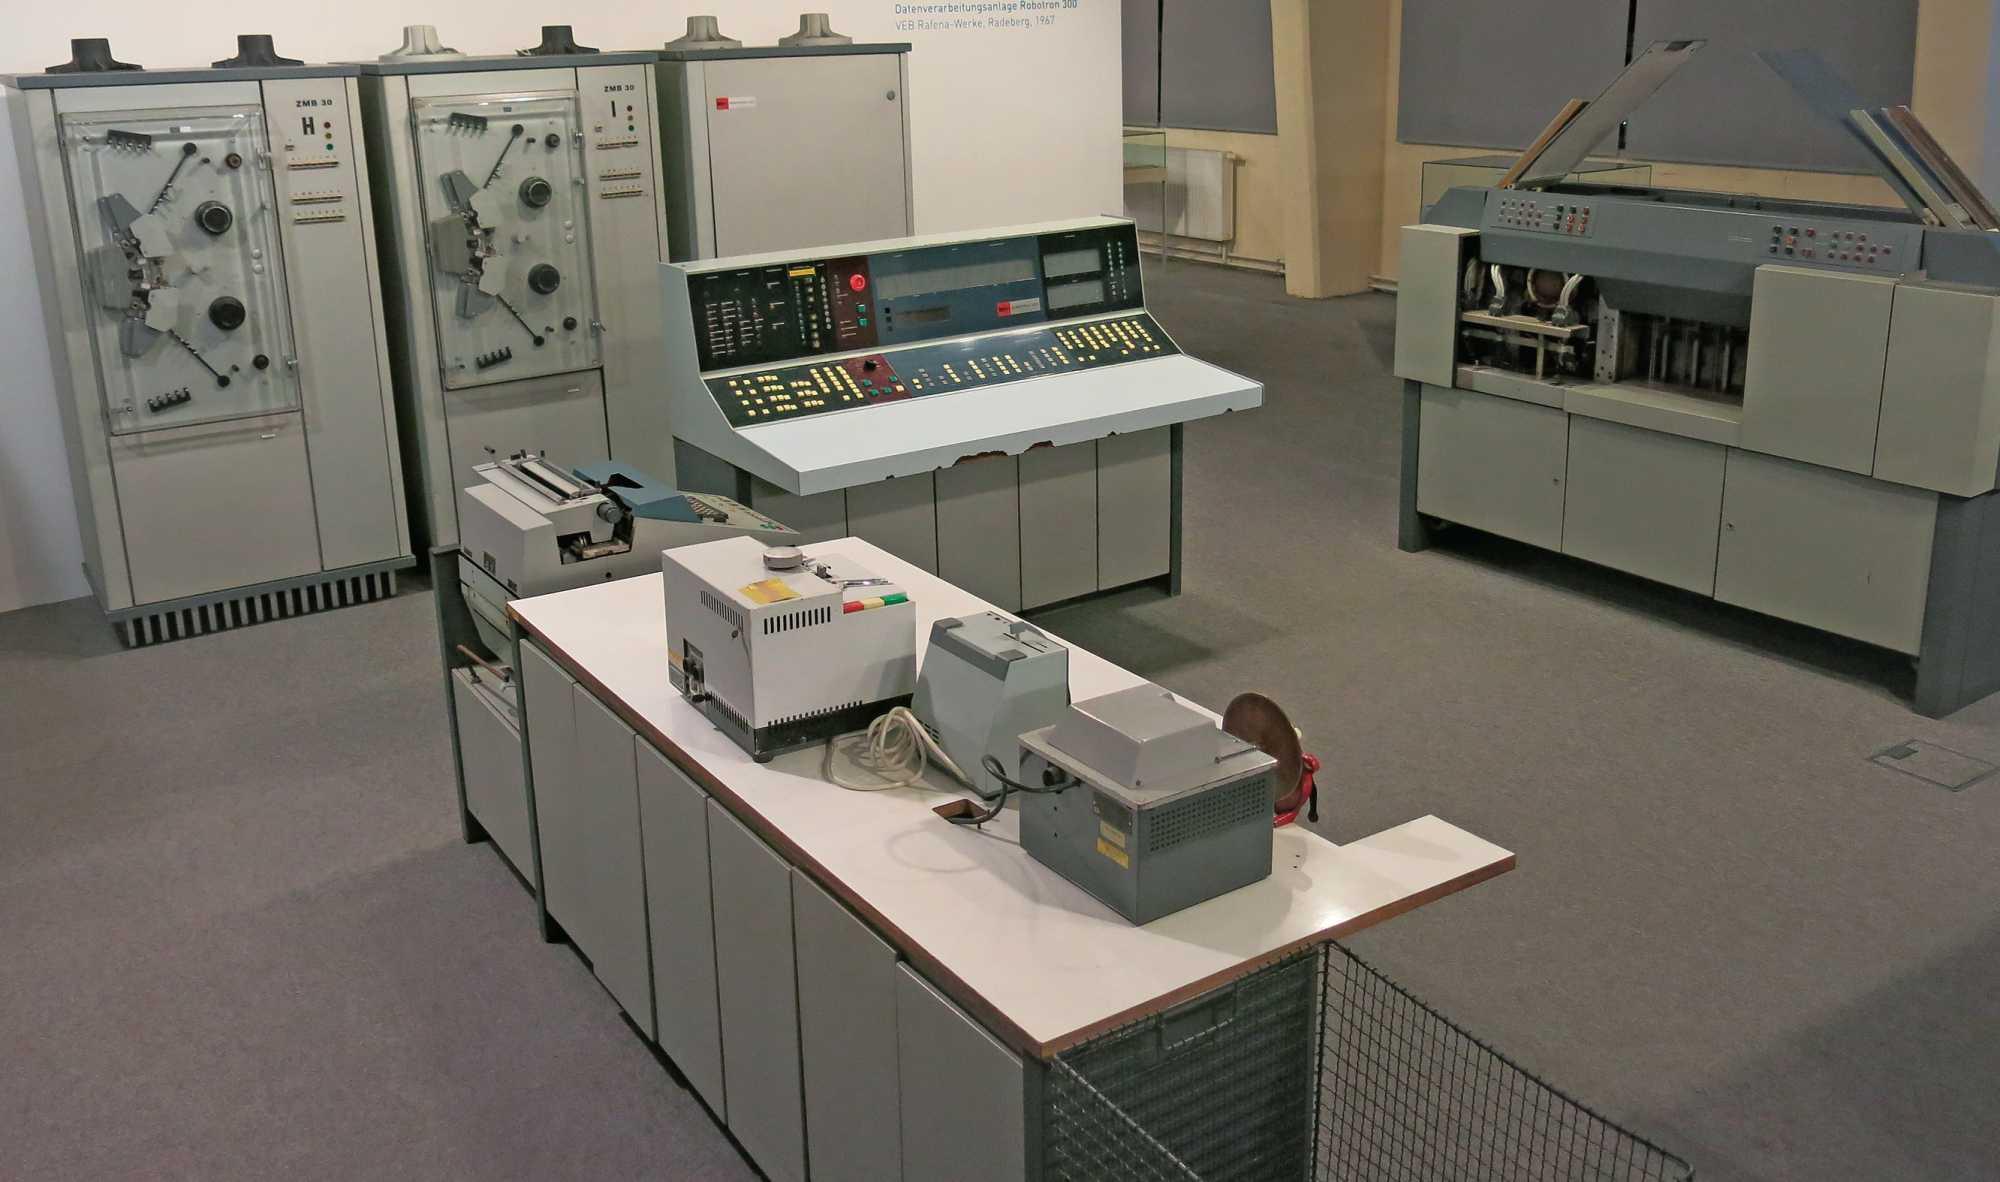 Die Robotron 300 war die erste Rechenanlage der DDR. Sie war Namensgeber für das spätere Kombinat.